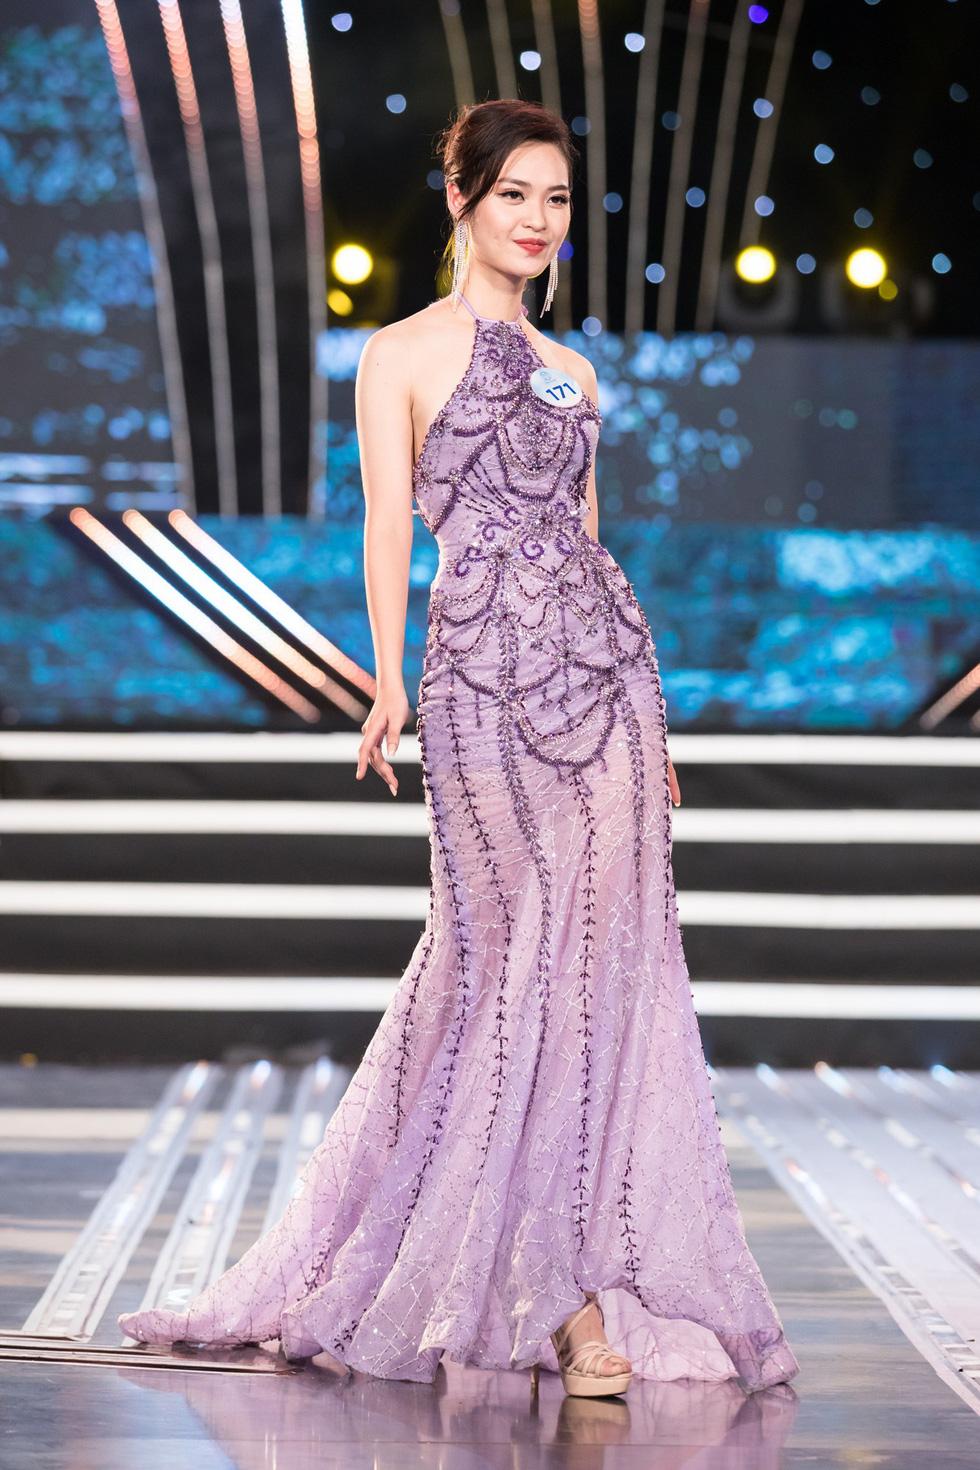 Nhan sắc 20 thí sinh đẹp nhất phía Bắc vào chung kết Miss World Việt Nam 2019 - Ảnh 8.